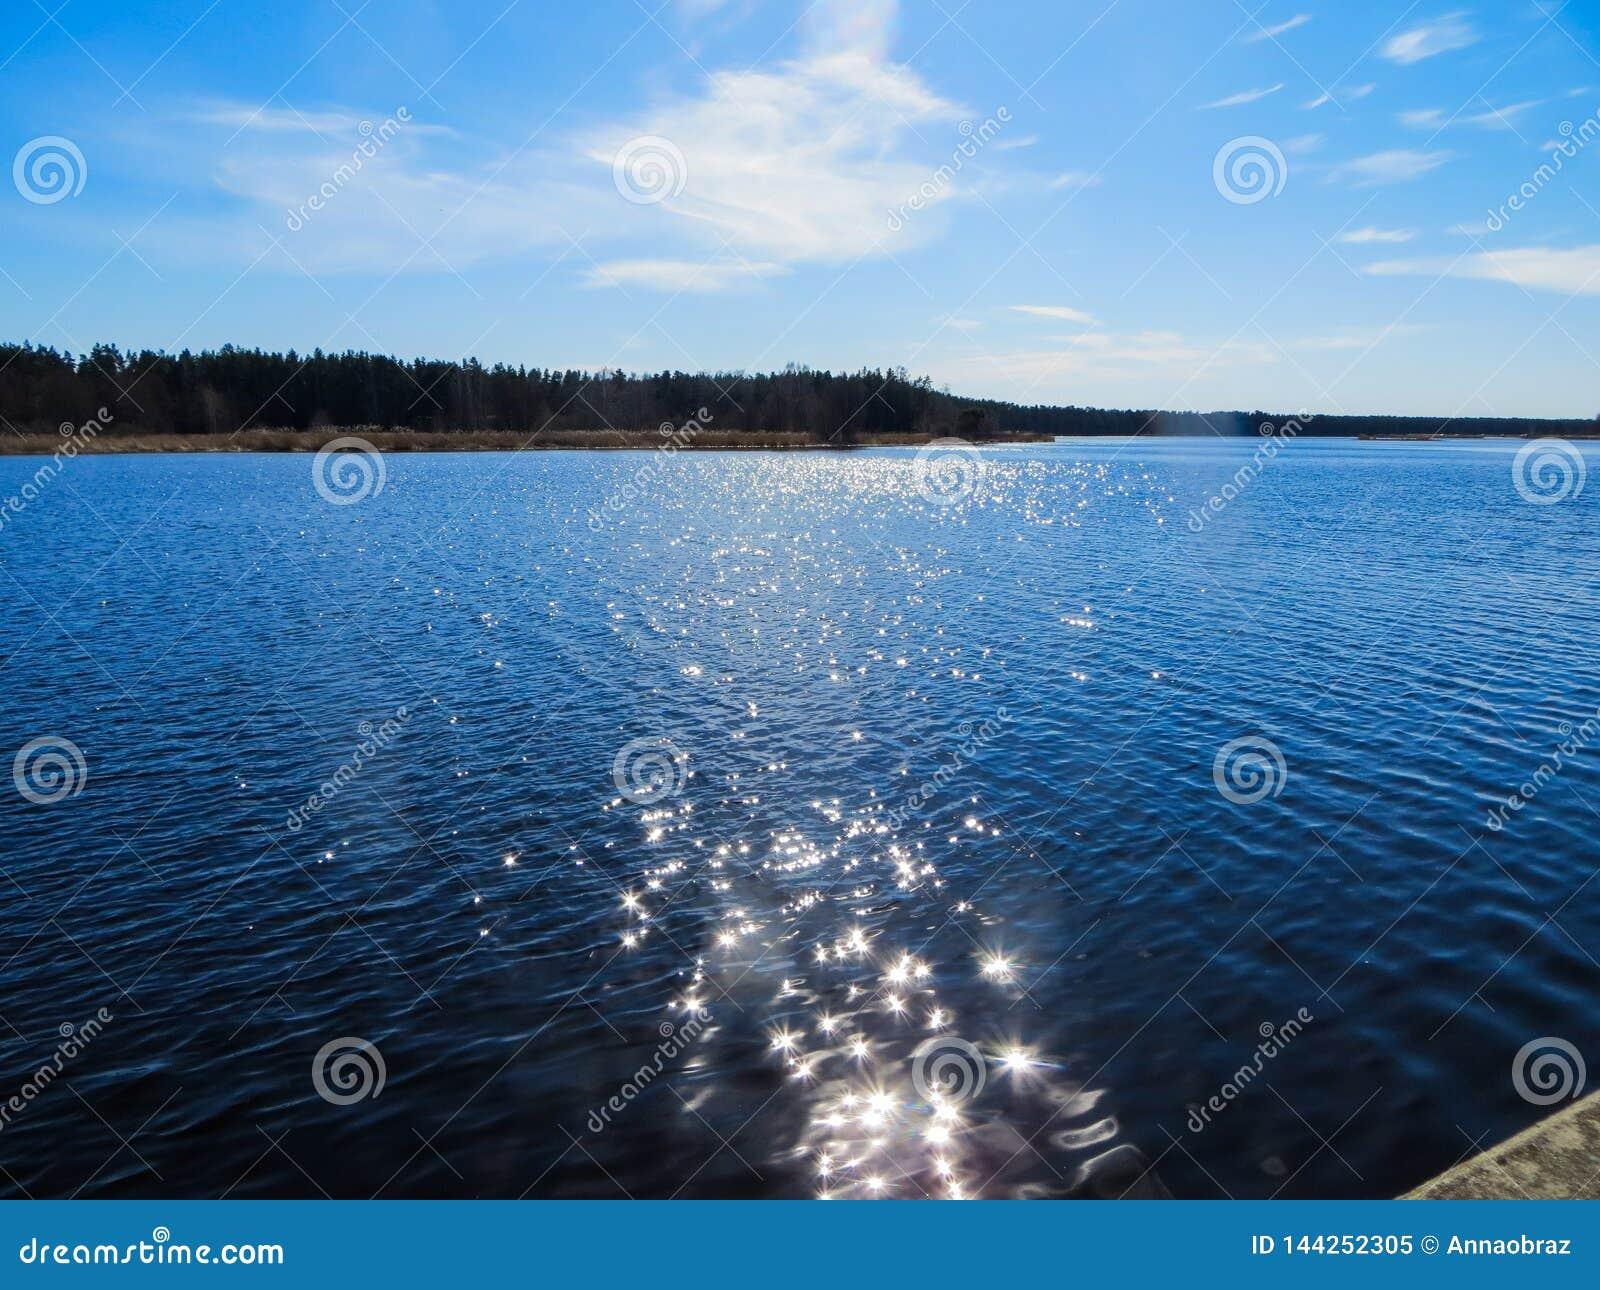 Темно-синая вода на реке Lielupe со слепимостью от яркого солнца в Латвии в предыдущей весне